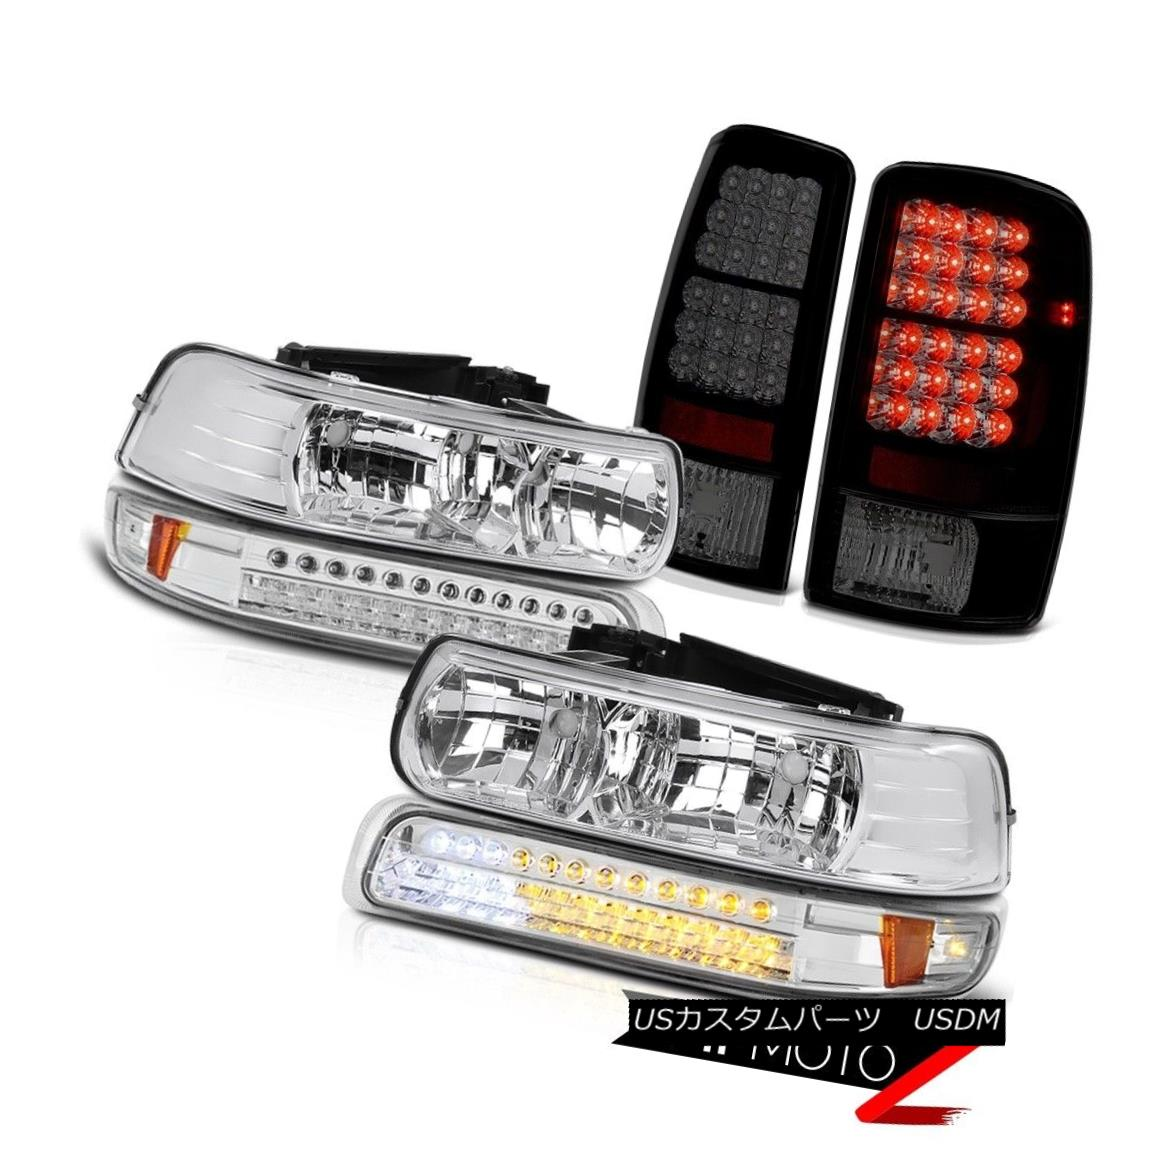 ヘッドライト Left Right Headlamps LED Bumper Philip SuperFlux LED Taillights 00-06 Tahoe LT 左のライトヘッドランプLEDバンパーPhilip SuperFlux LEDテールライト00-06 Tahoe LT